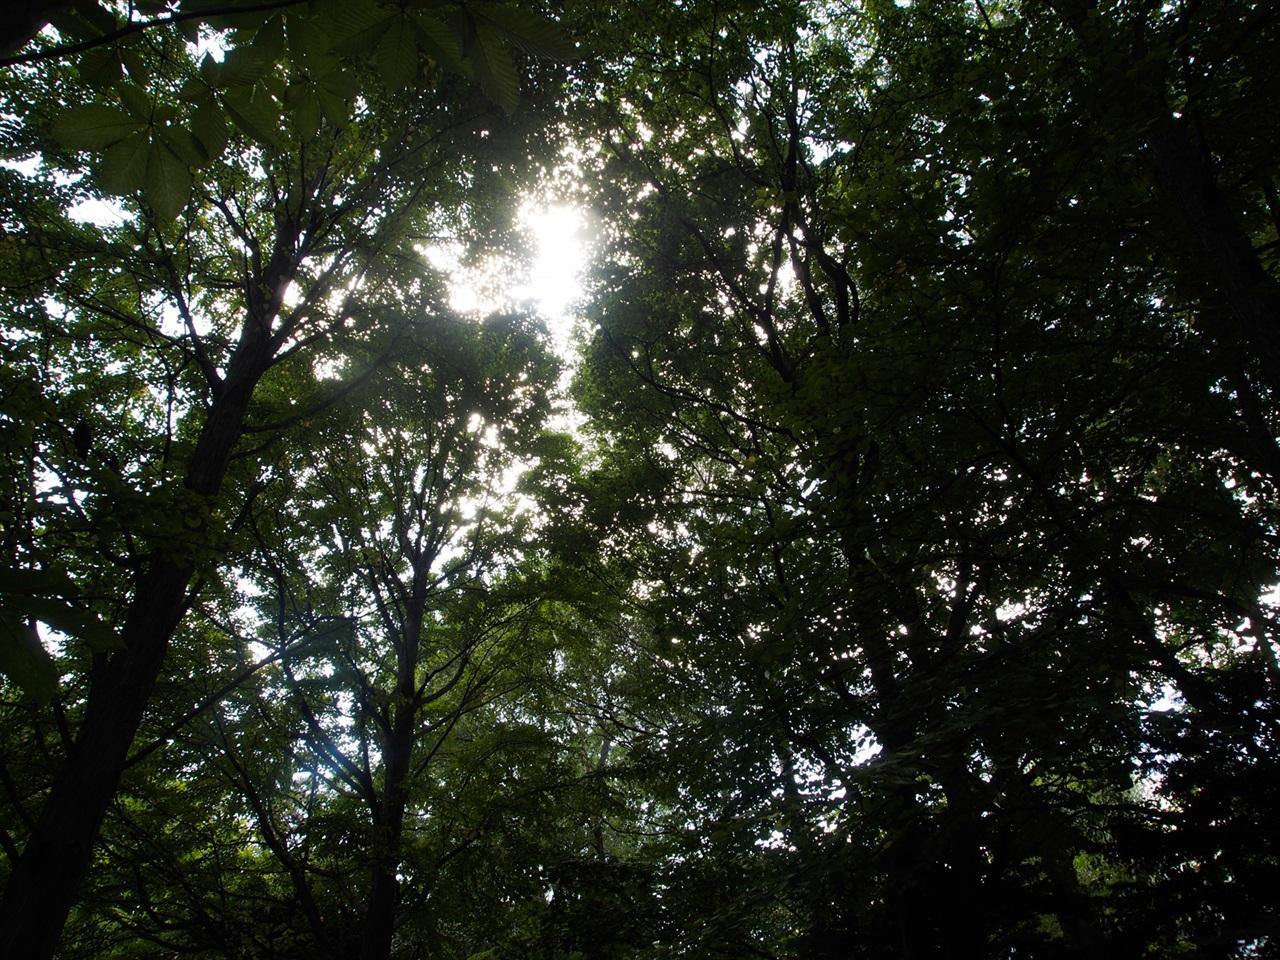 中島公園の木漏れ日